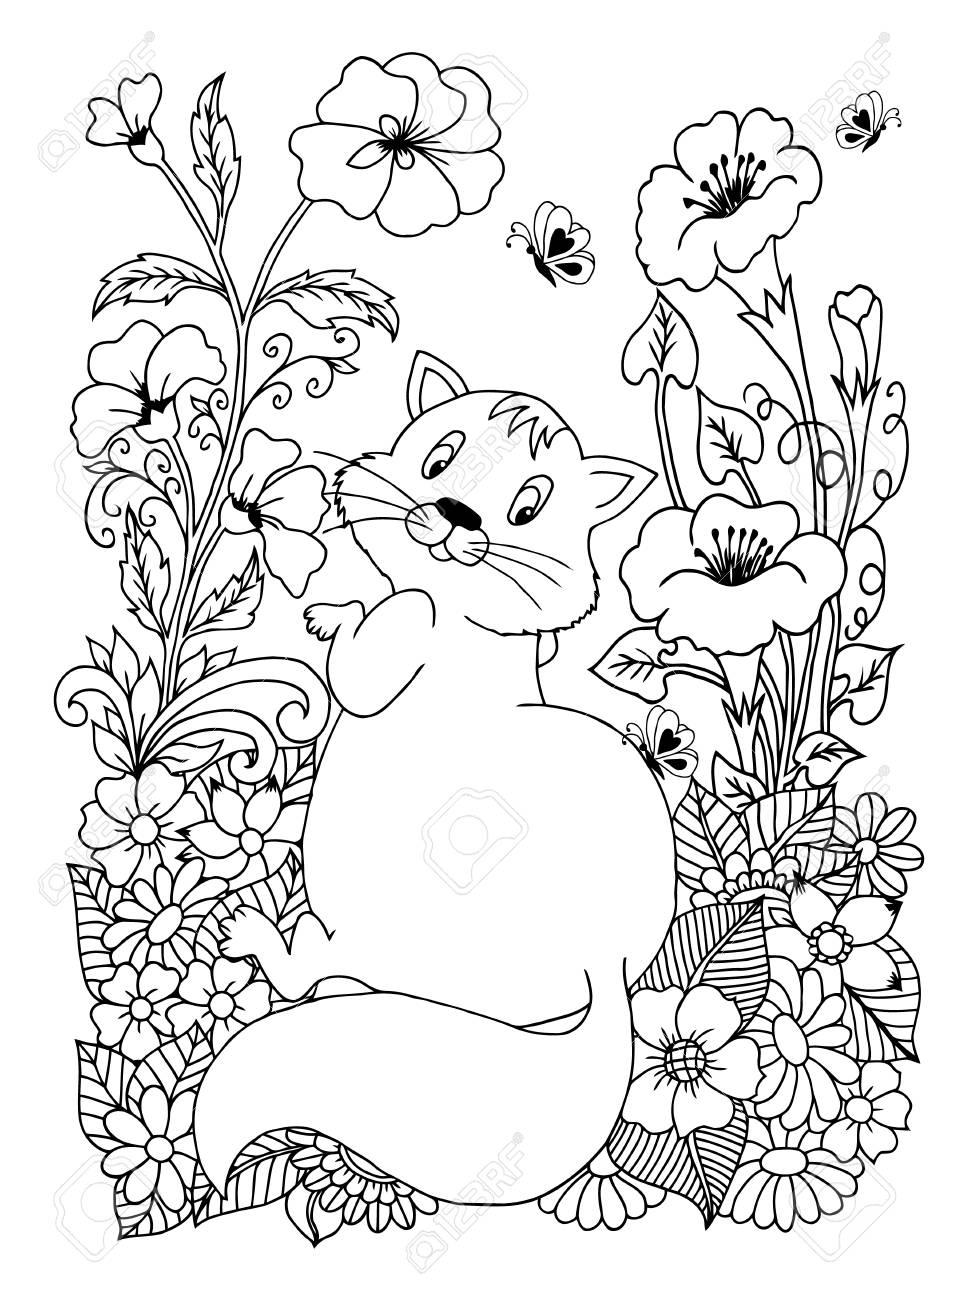 Illustrazione Vettoriale Di Un Gatto Spesso E Peloso Circondato Da Fiori Il Lavoro è Fatto Manualmente Libri Da Colorare Antistress Per Adulti E